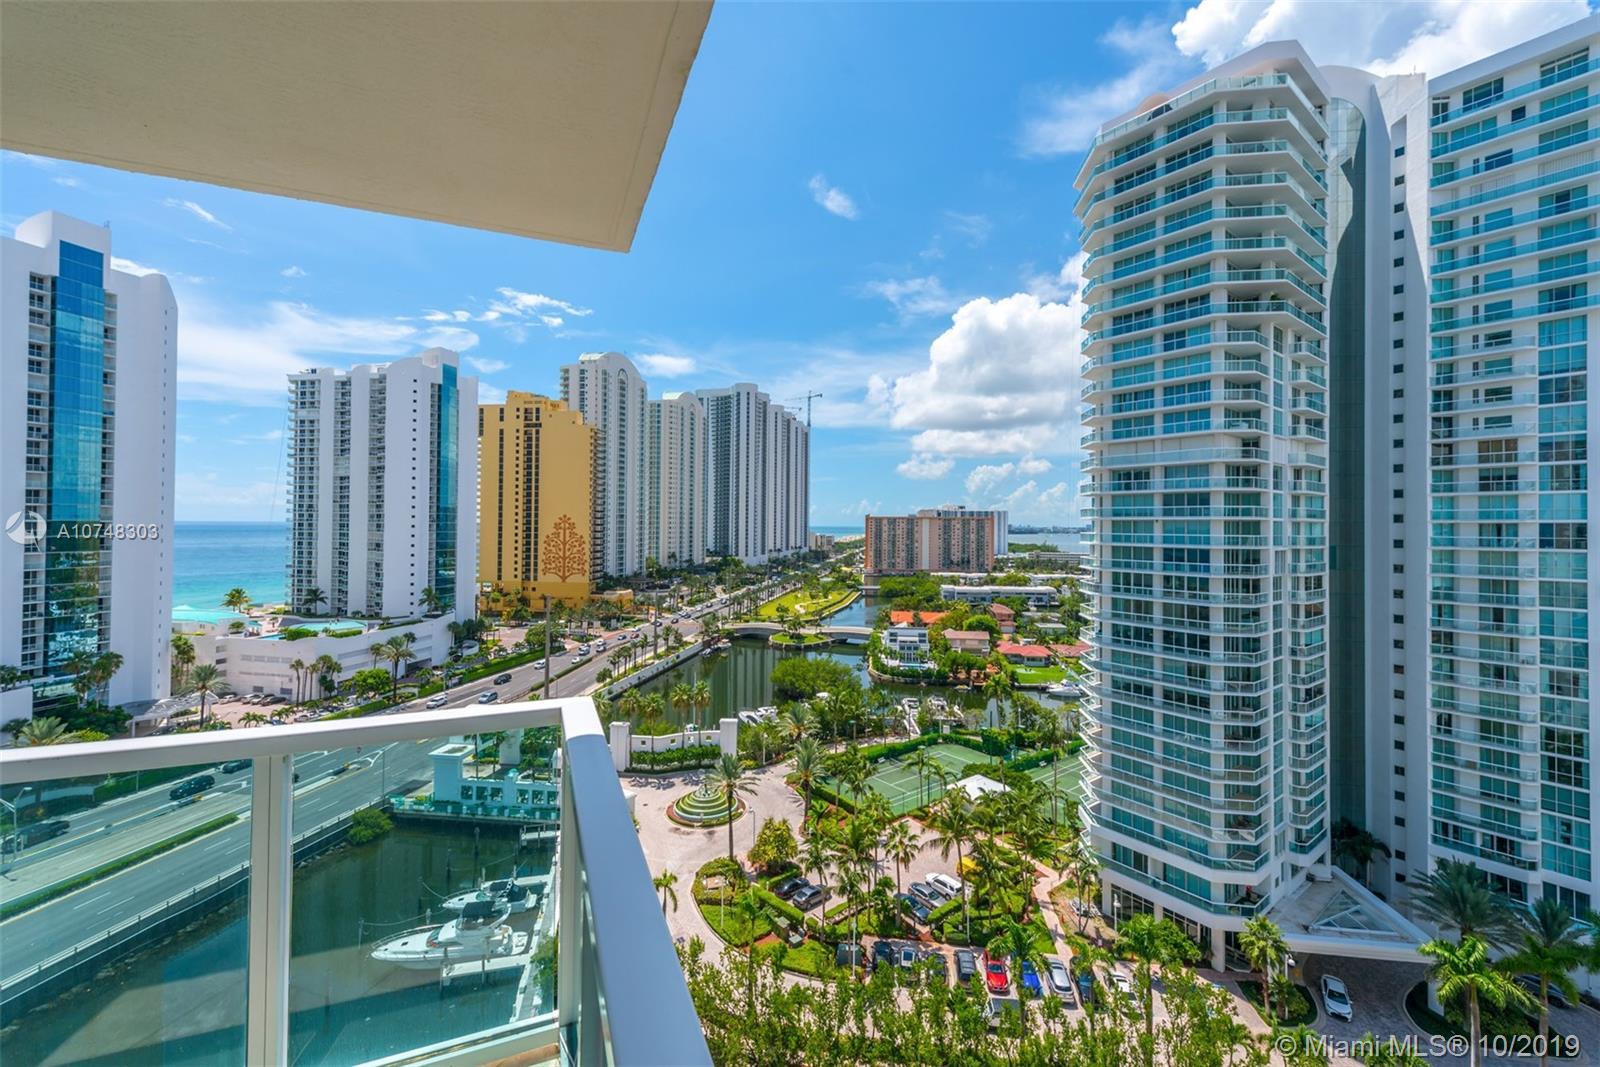 150 Sunny Isles Blvd 1-1505, Sunny Isles Beach, FL 33160